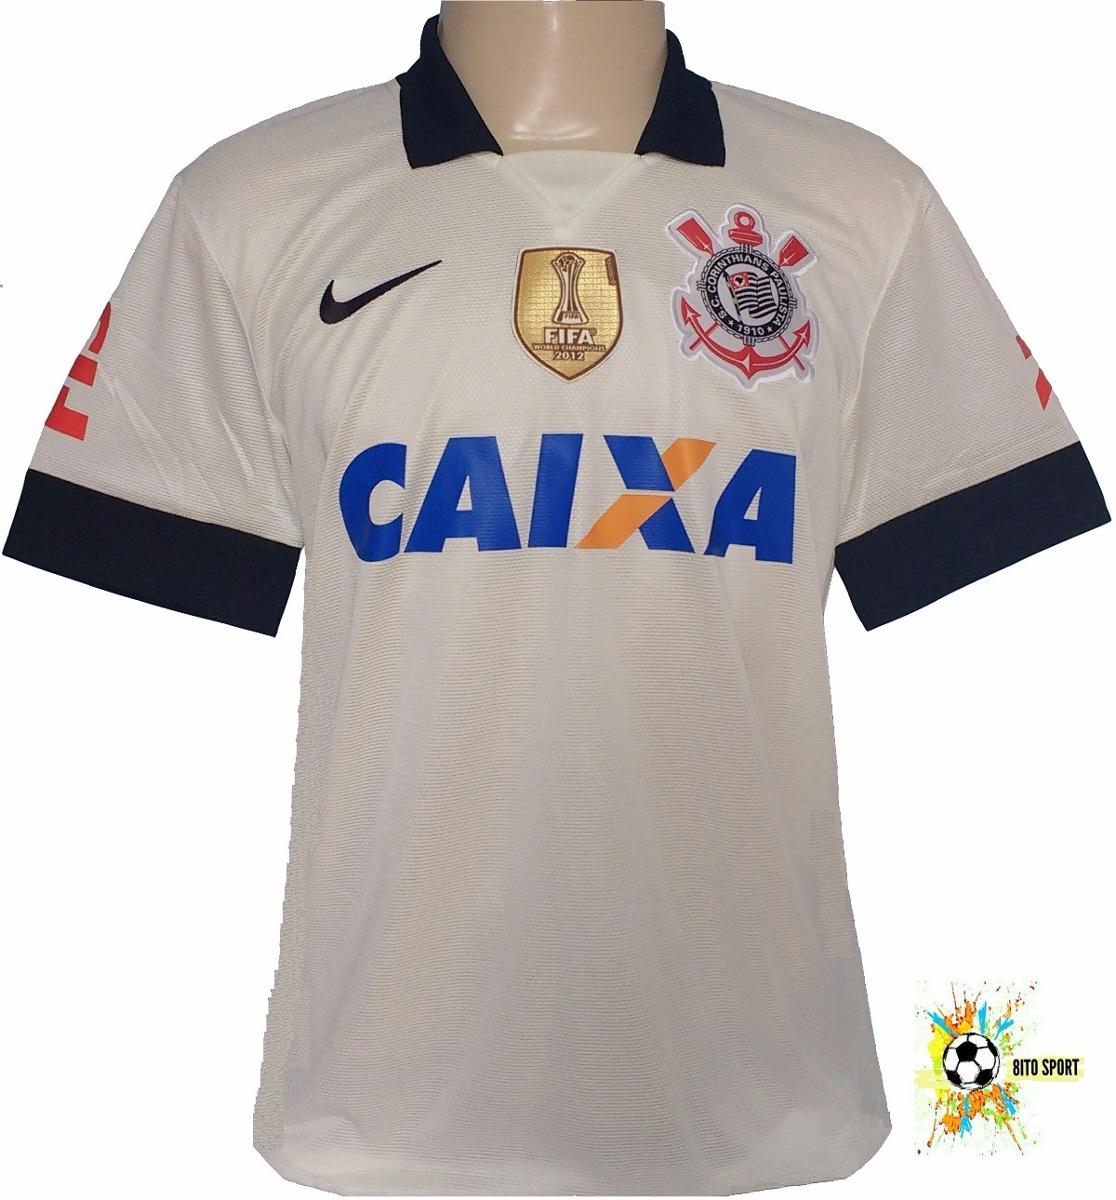 camiseta nike corinthians 2013 escudo fifa campeão 2012. Carregando zoom. 2ef714518c40a